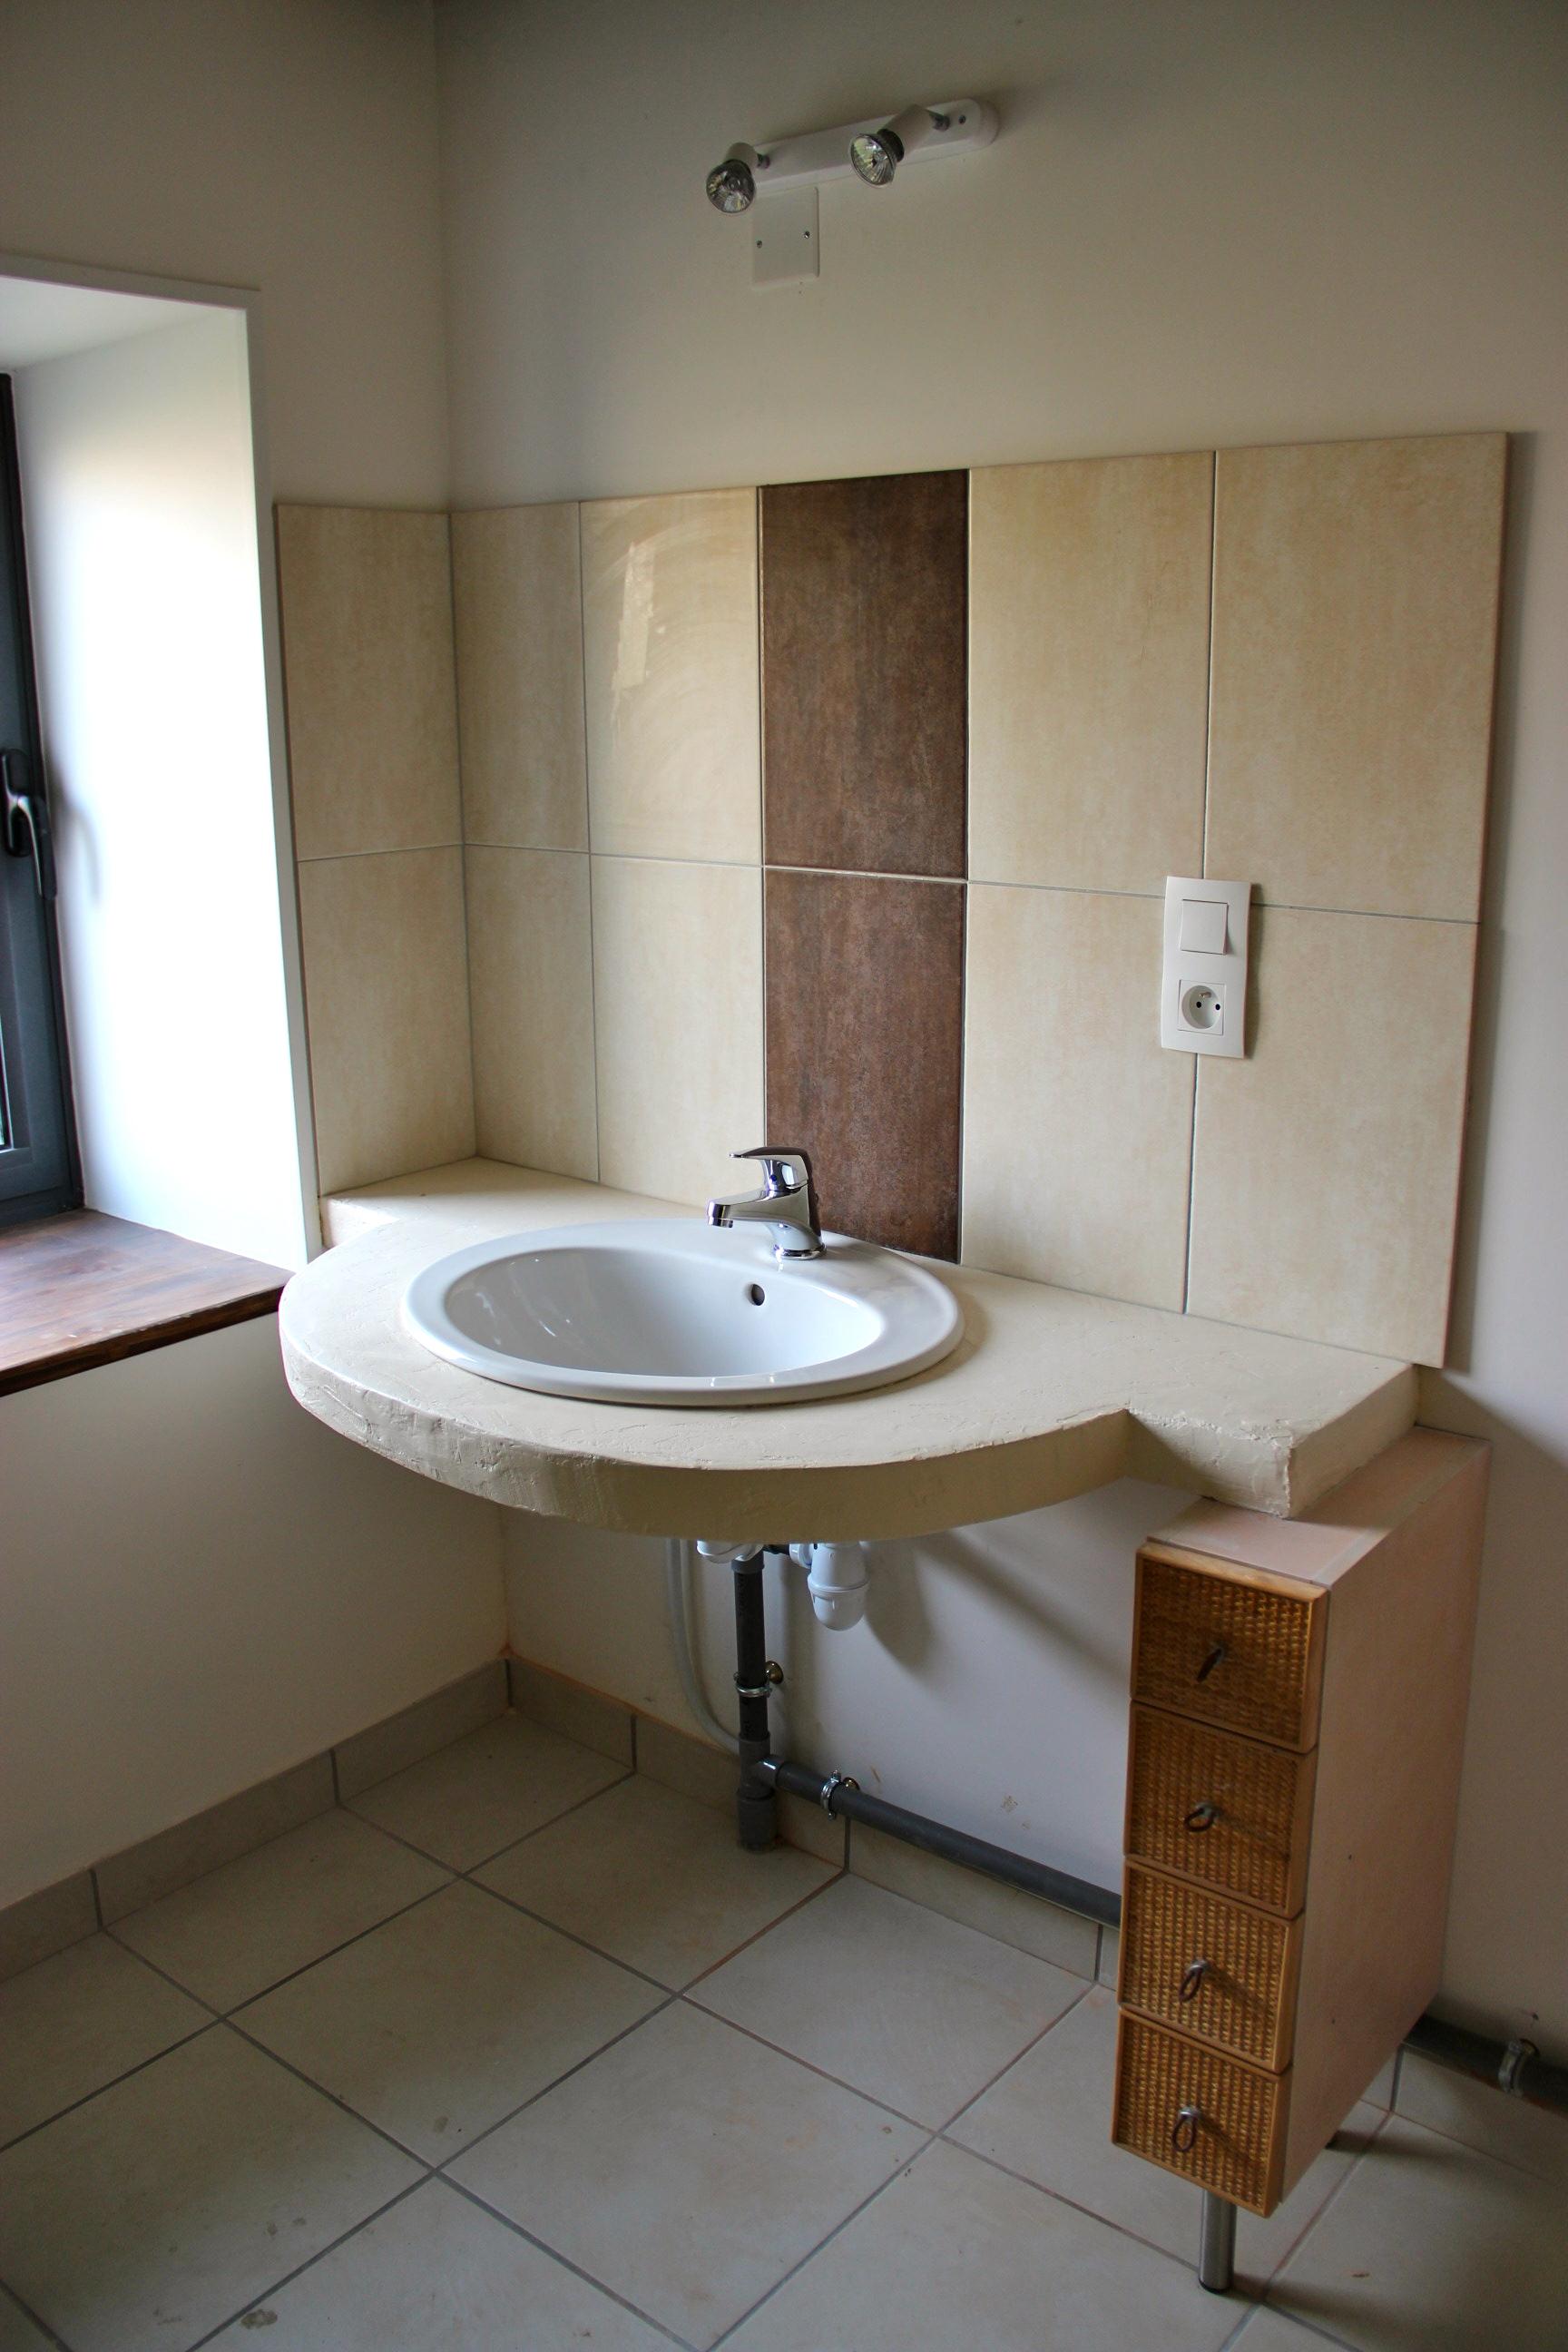 Comment Cacher Des Tuyau De Chauffage salle de bain | | page 4